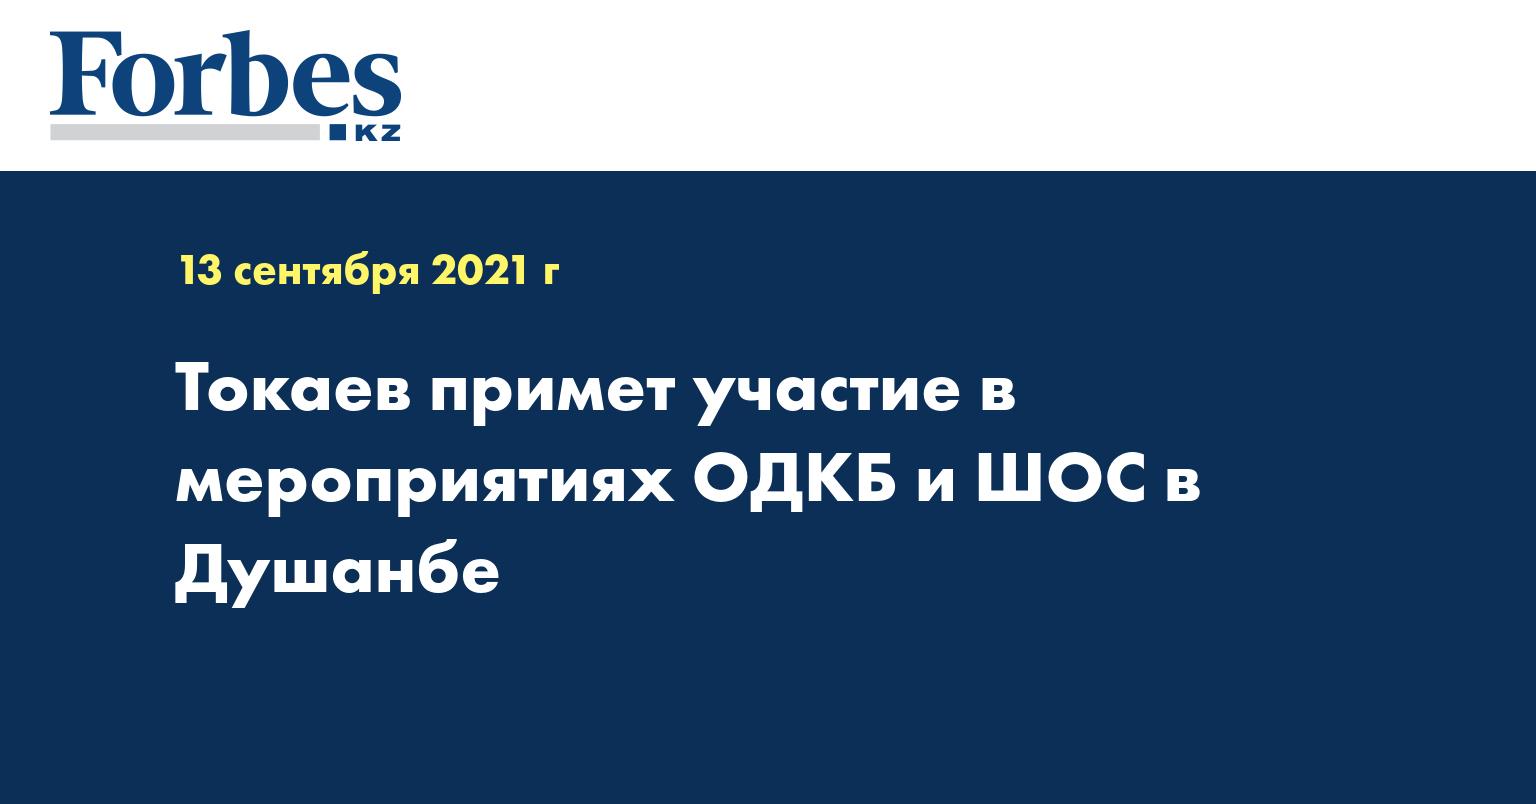 Токаев примет участие в мероприятиях ОДКБ и ШОС в Душанбе